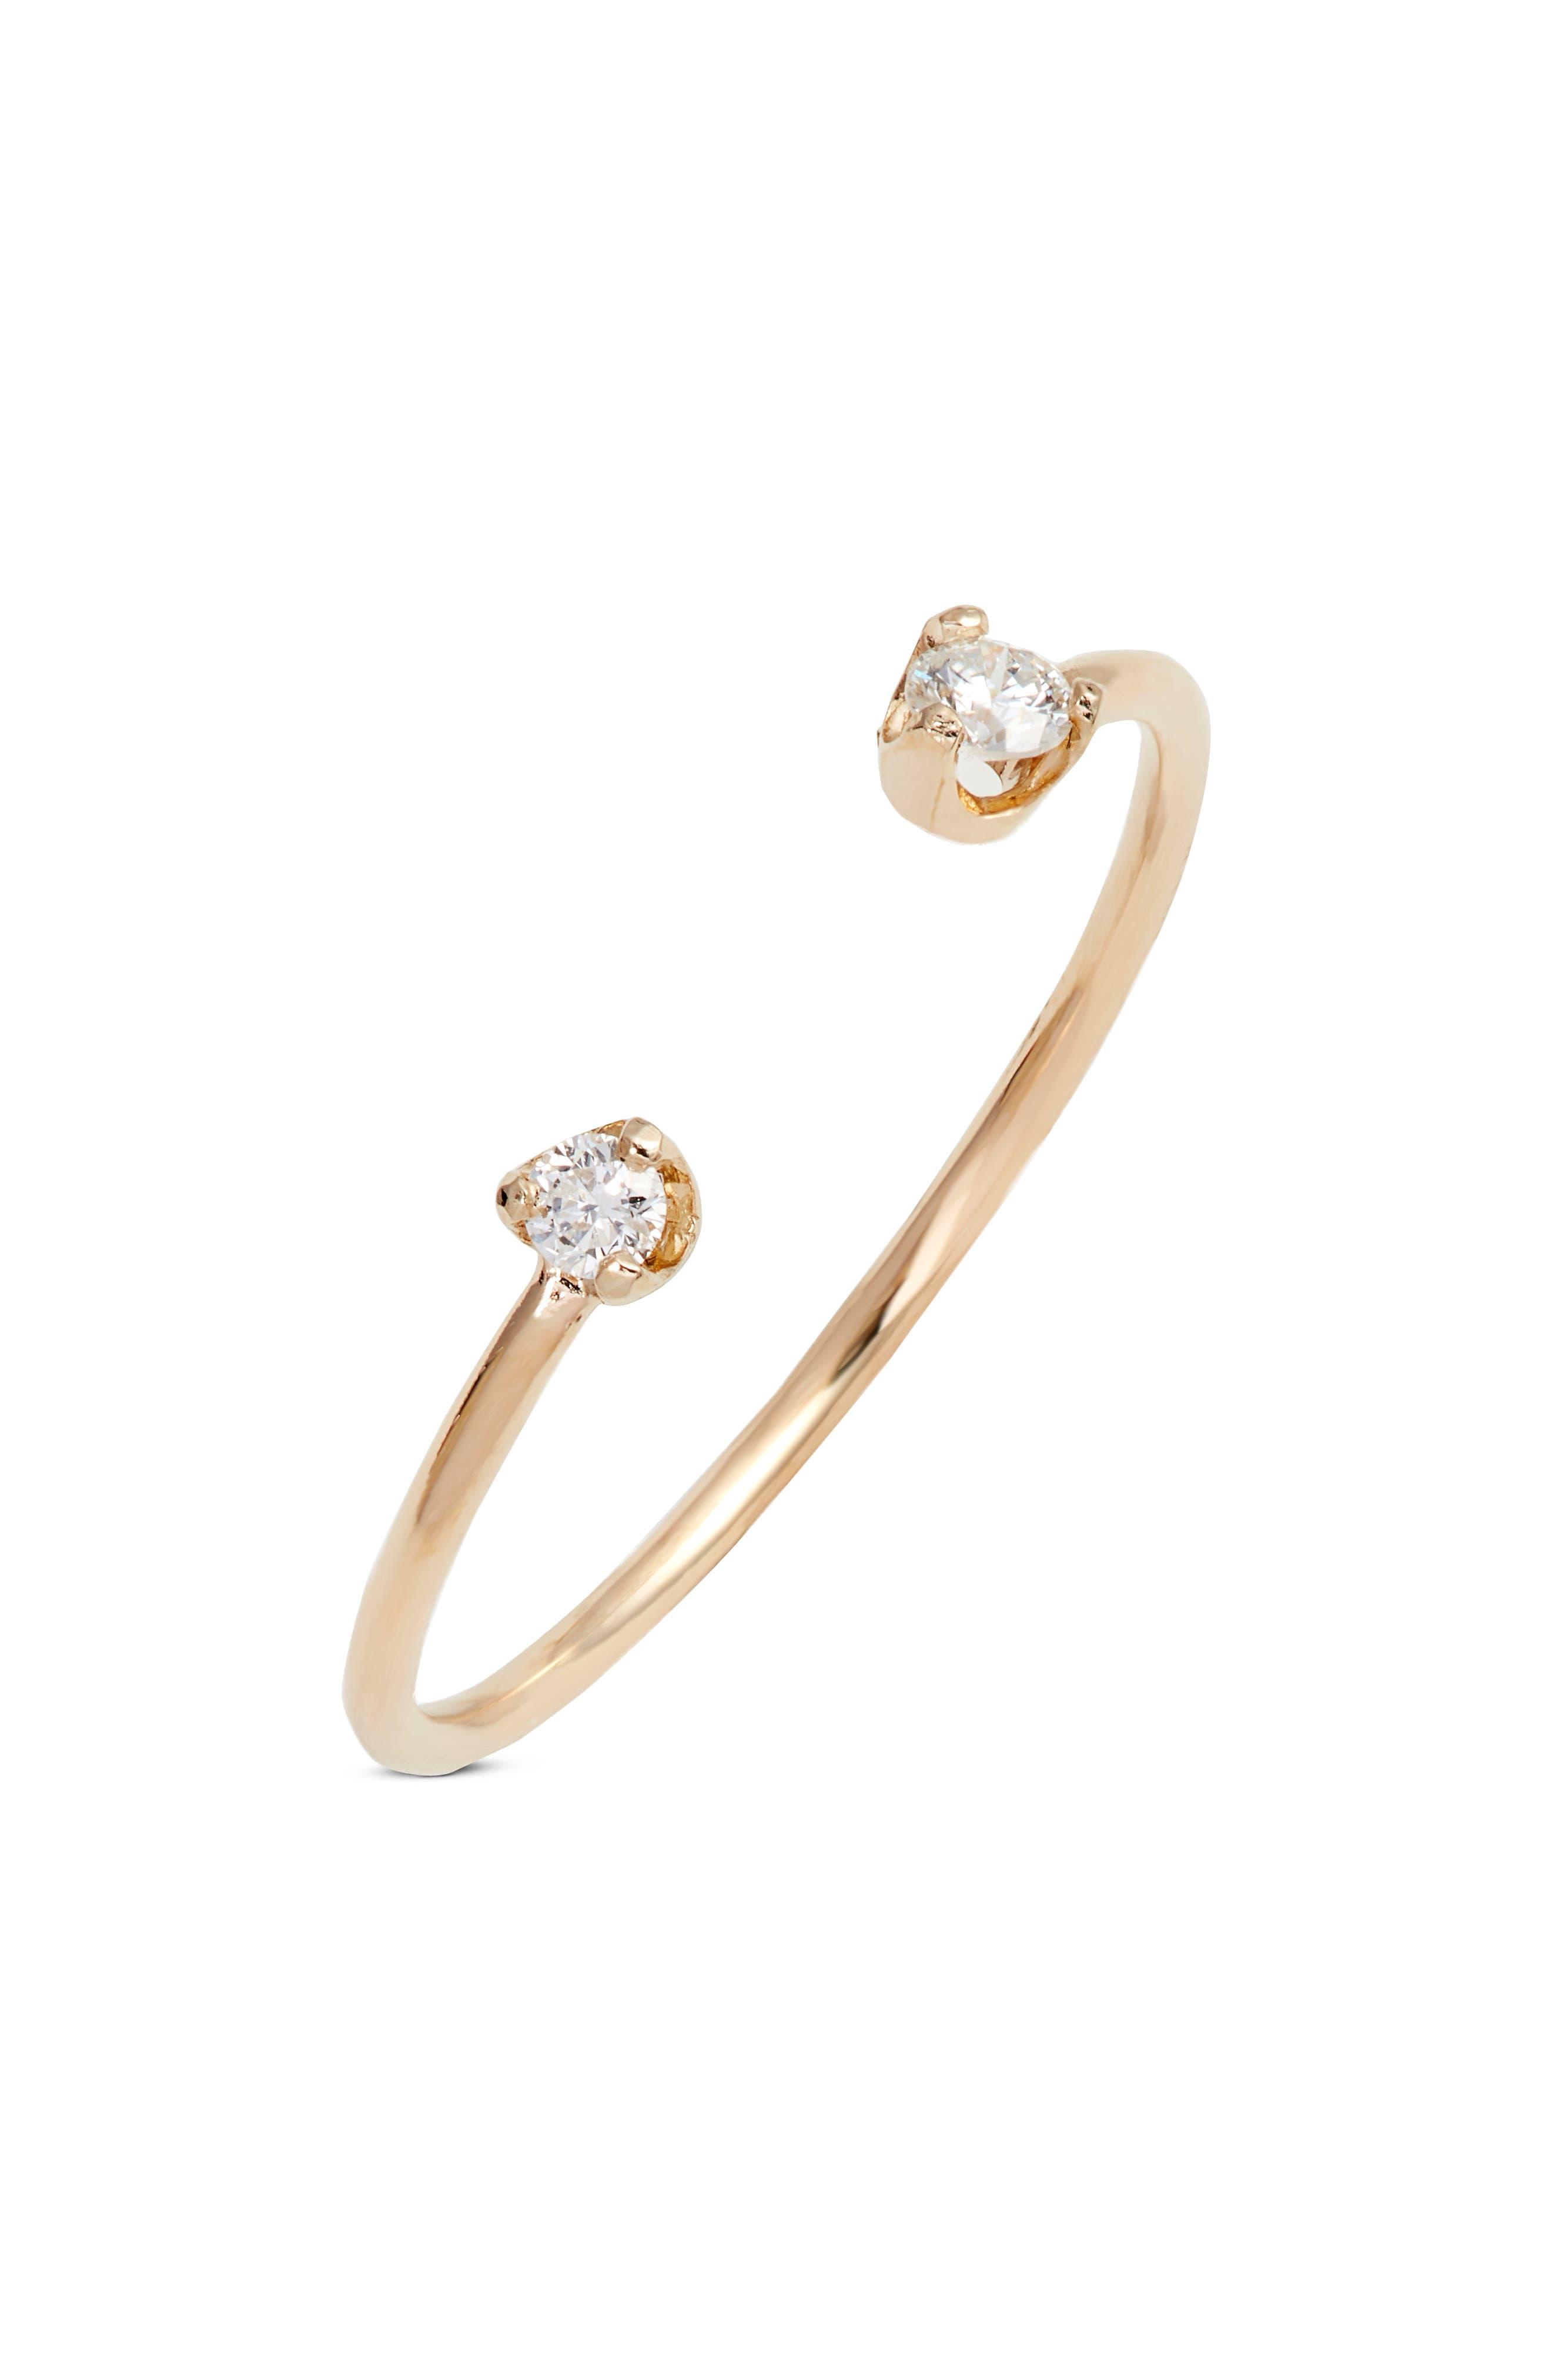 ZOË CHICCO, Diamond Open Ring, Main thumbnail 1, color, GOLD/ DIAMOND